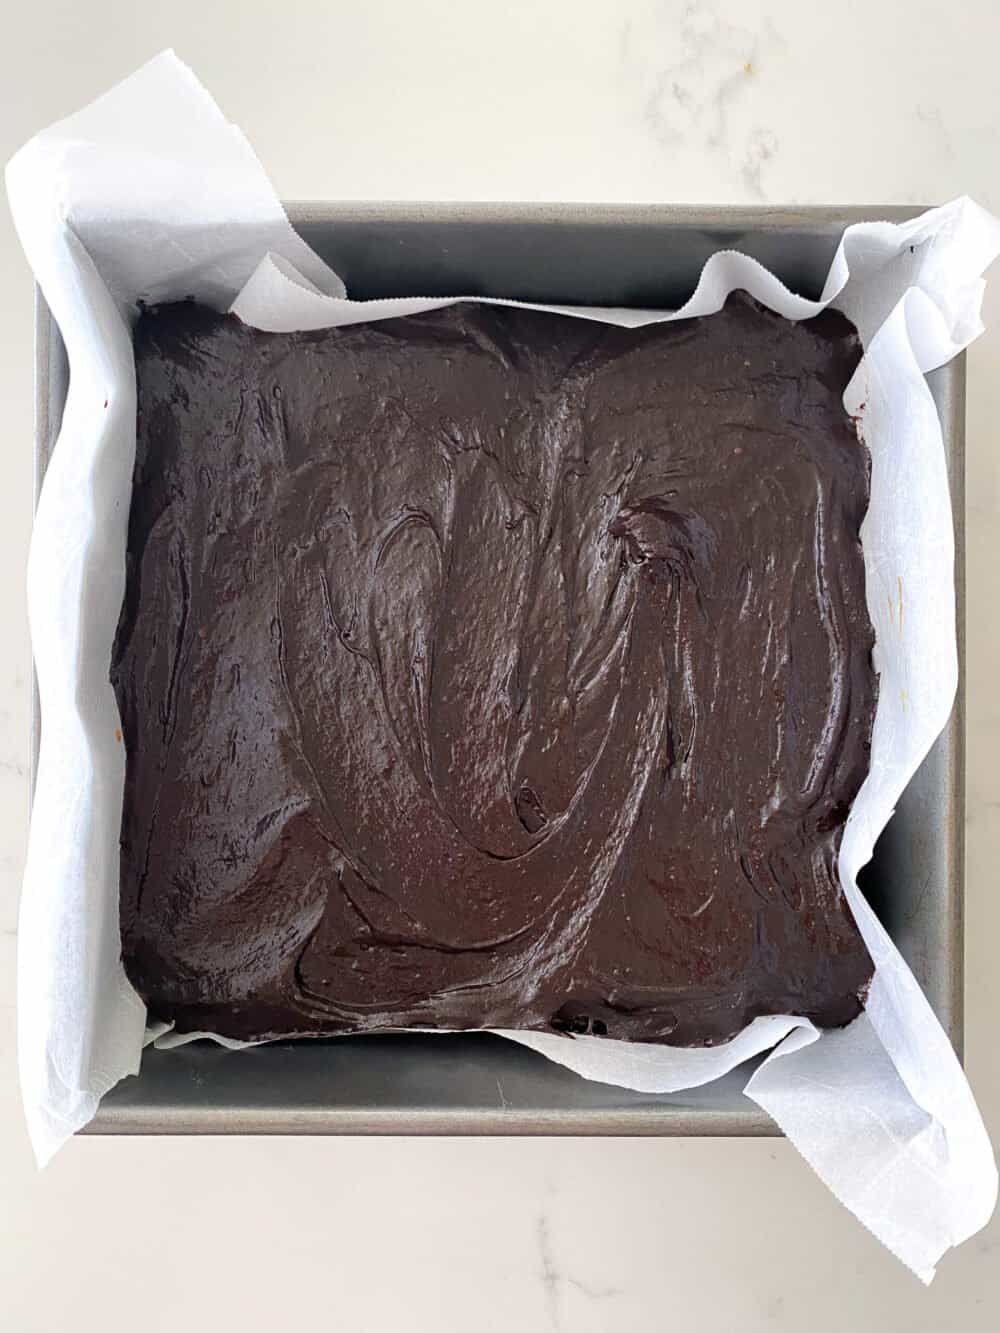 easy homemade brownies